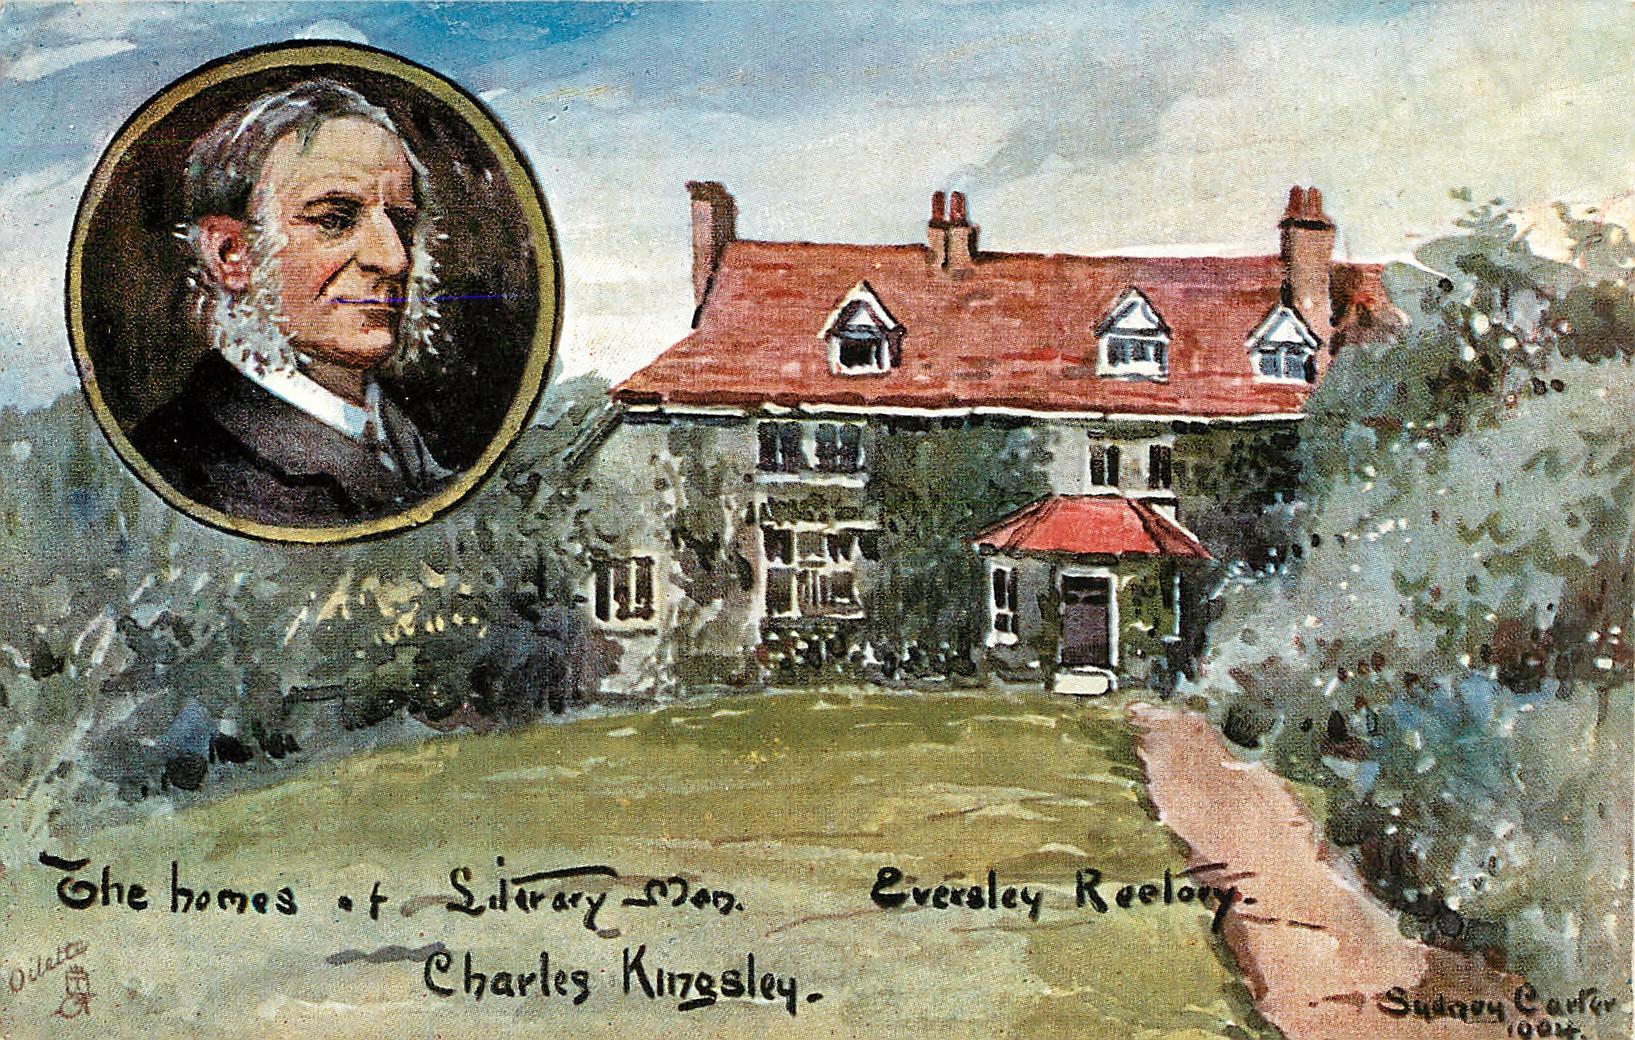 CHARLES KINGSLEY-EVERSLEY RECTORY